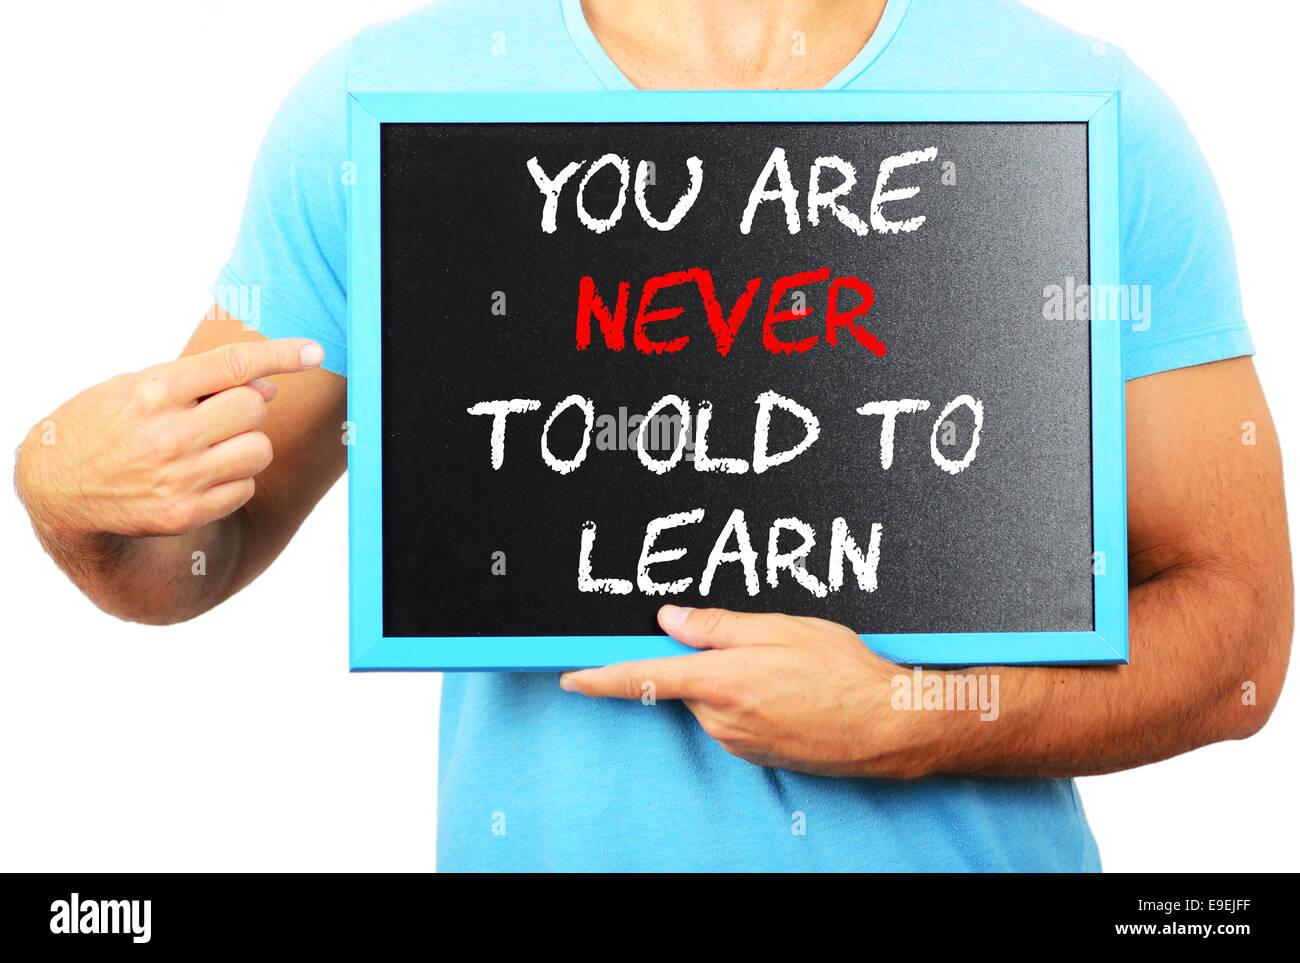 Niemals Zu Alt Zum Lernen Stockfotos Niemals Zu Alt Zum Lernen